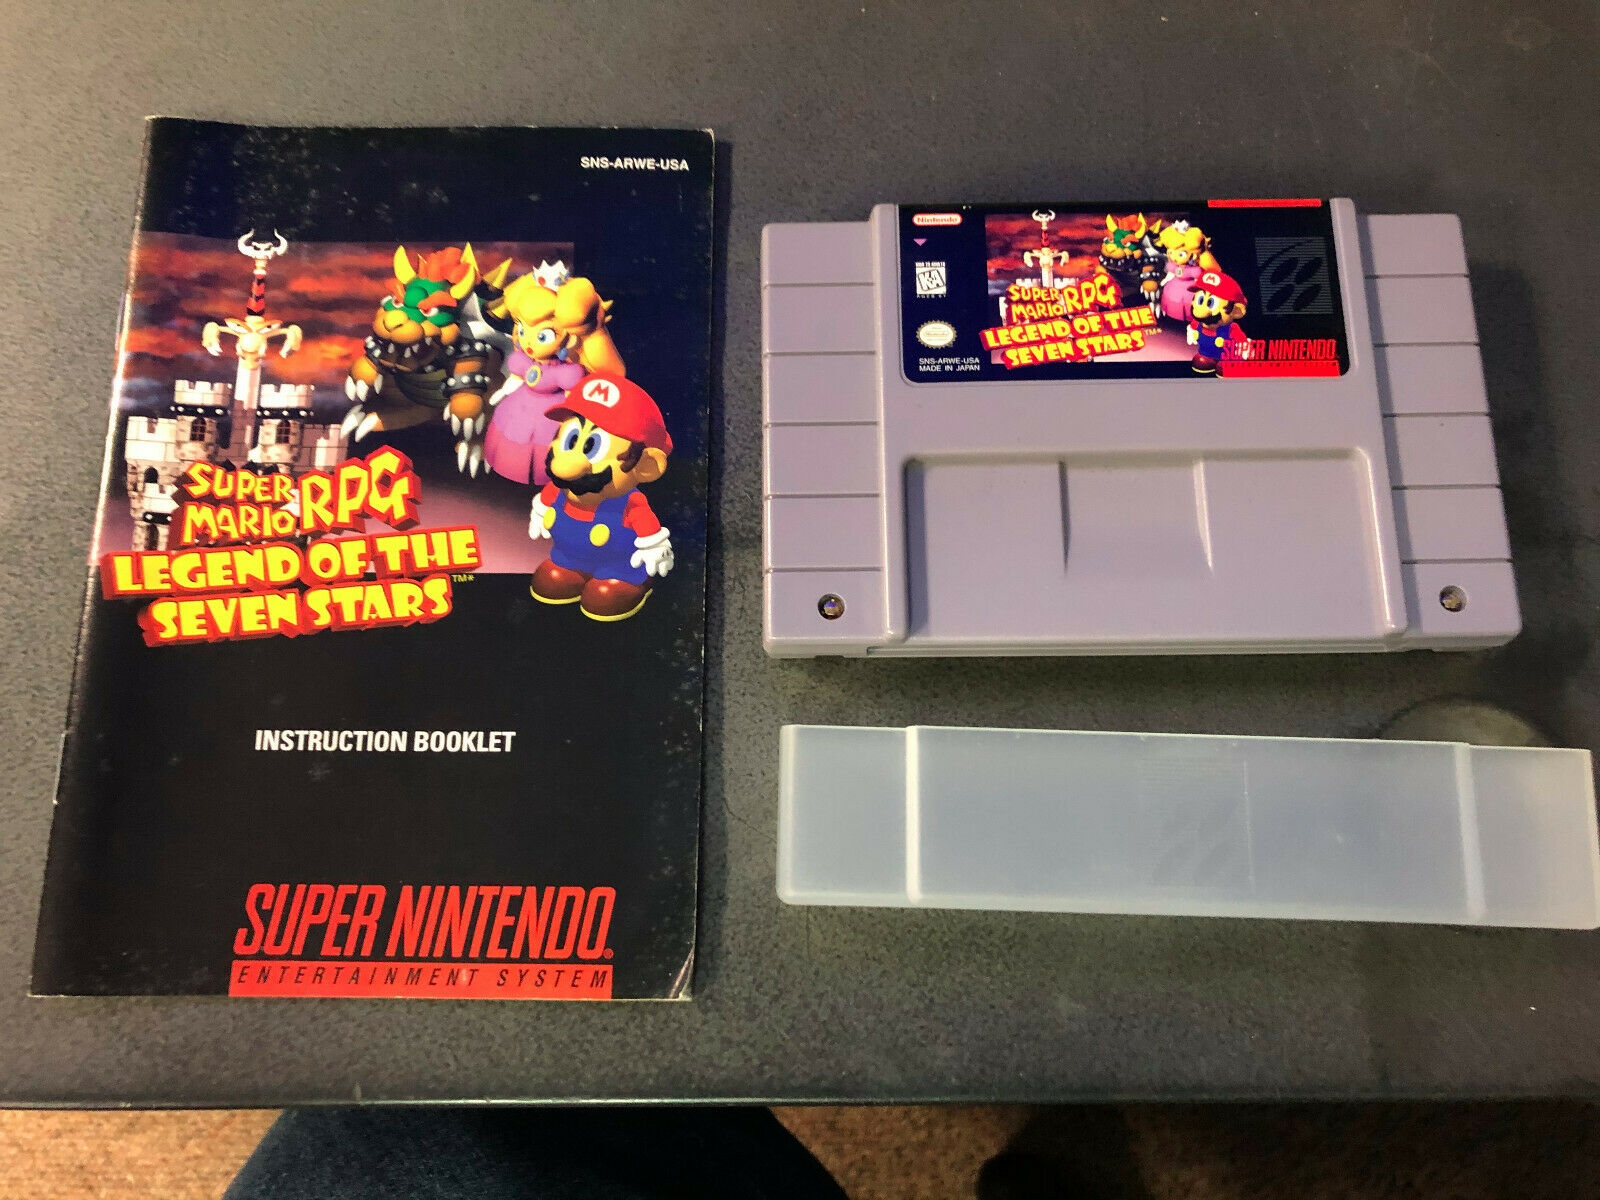 Super Mario RPG Legend Of The Seven Stars Super Nintendo SNES, 1996 W/ Manual - $136.75